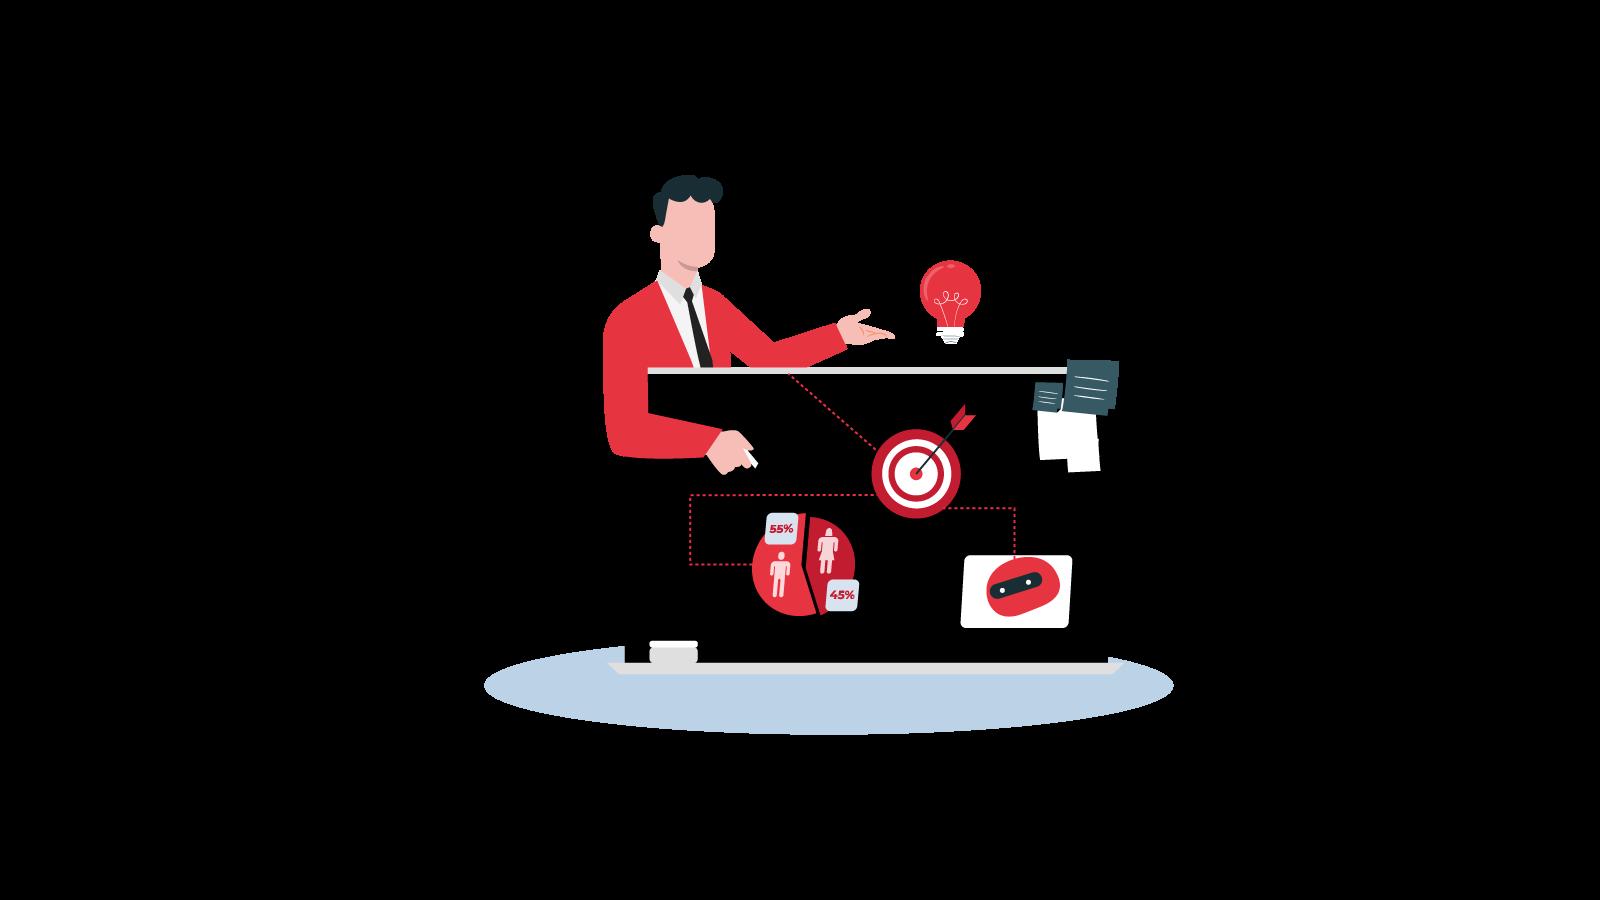 5 Tipos de vendedores que pueden existir dentro de su empresa y usted desconoce